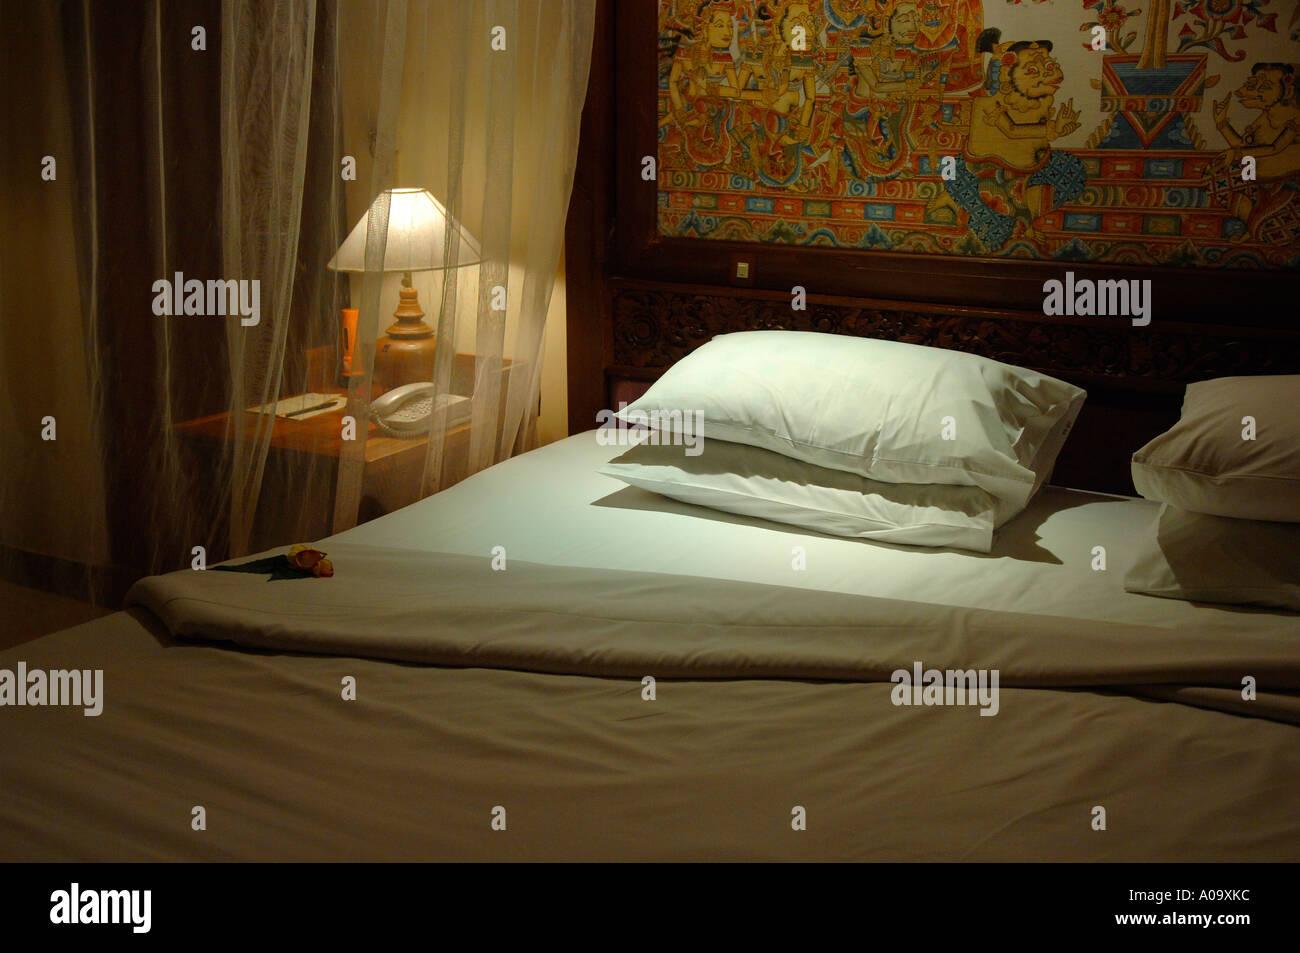 Letto Con Zanzariera : Llin rettangolare zanzariera con free standing per singolo letto